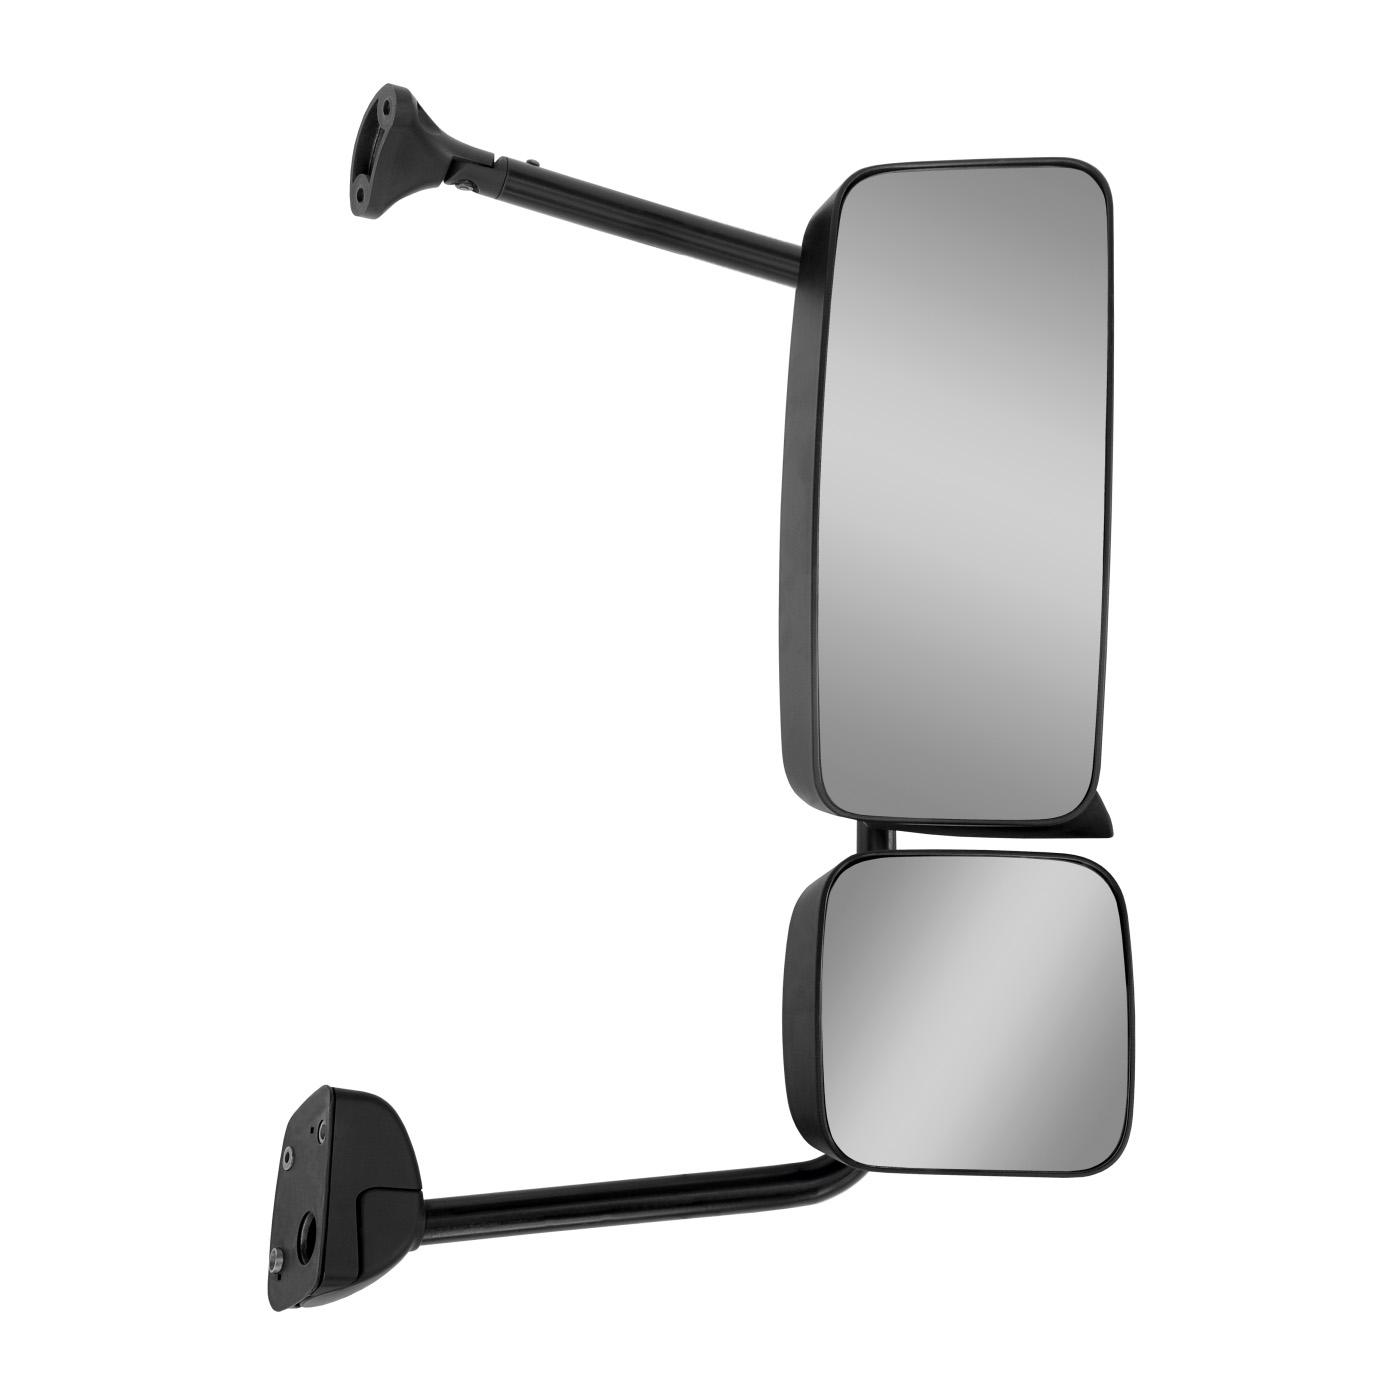 Espelho Retrovisor Mb Axor Atego Até 2012 Manual Sem Desembaçador Com Suporte E Auxiliar - Direito